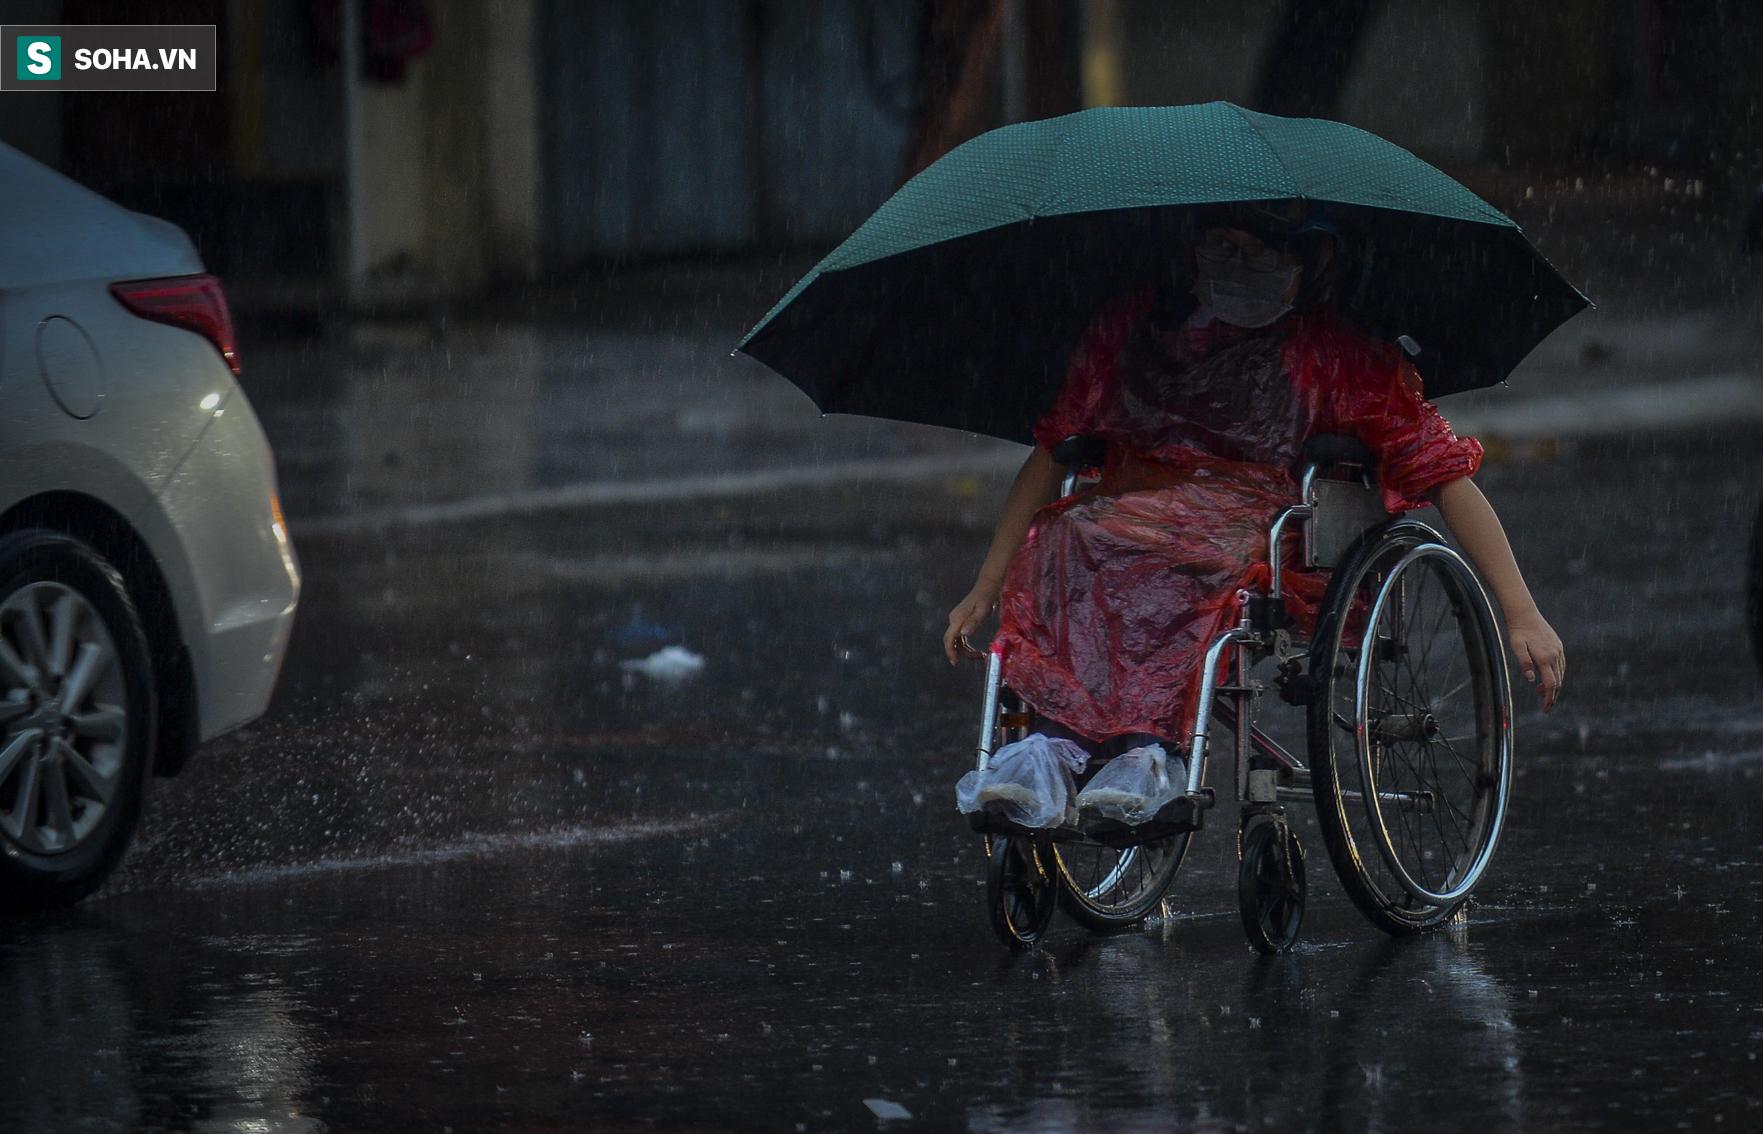 Hà Nội: Trận mưa rào lúc 8h sáng khiến trời tối sầm, nhiều phương tiện phải bật đèn để di chuyển - Ảnh 10.